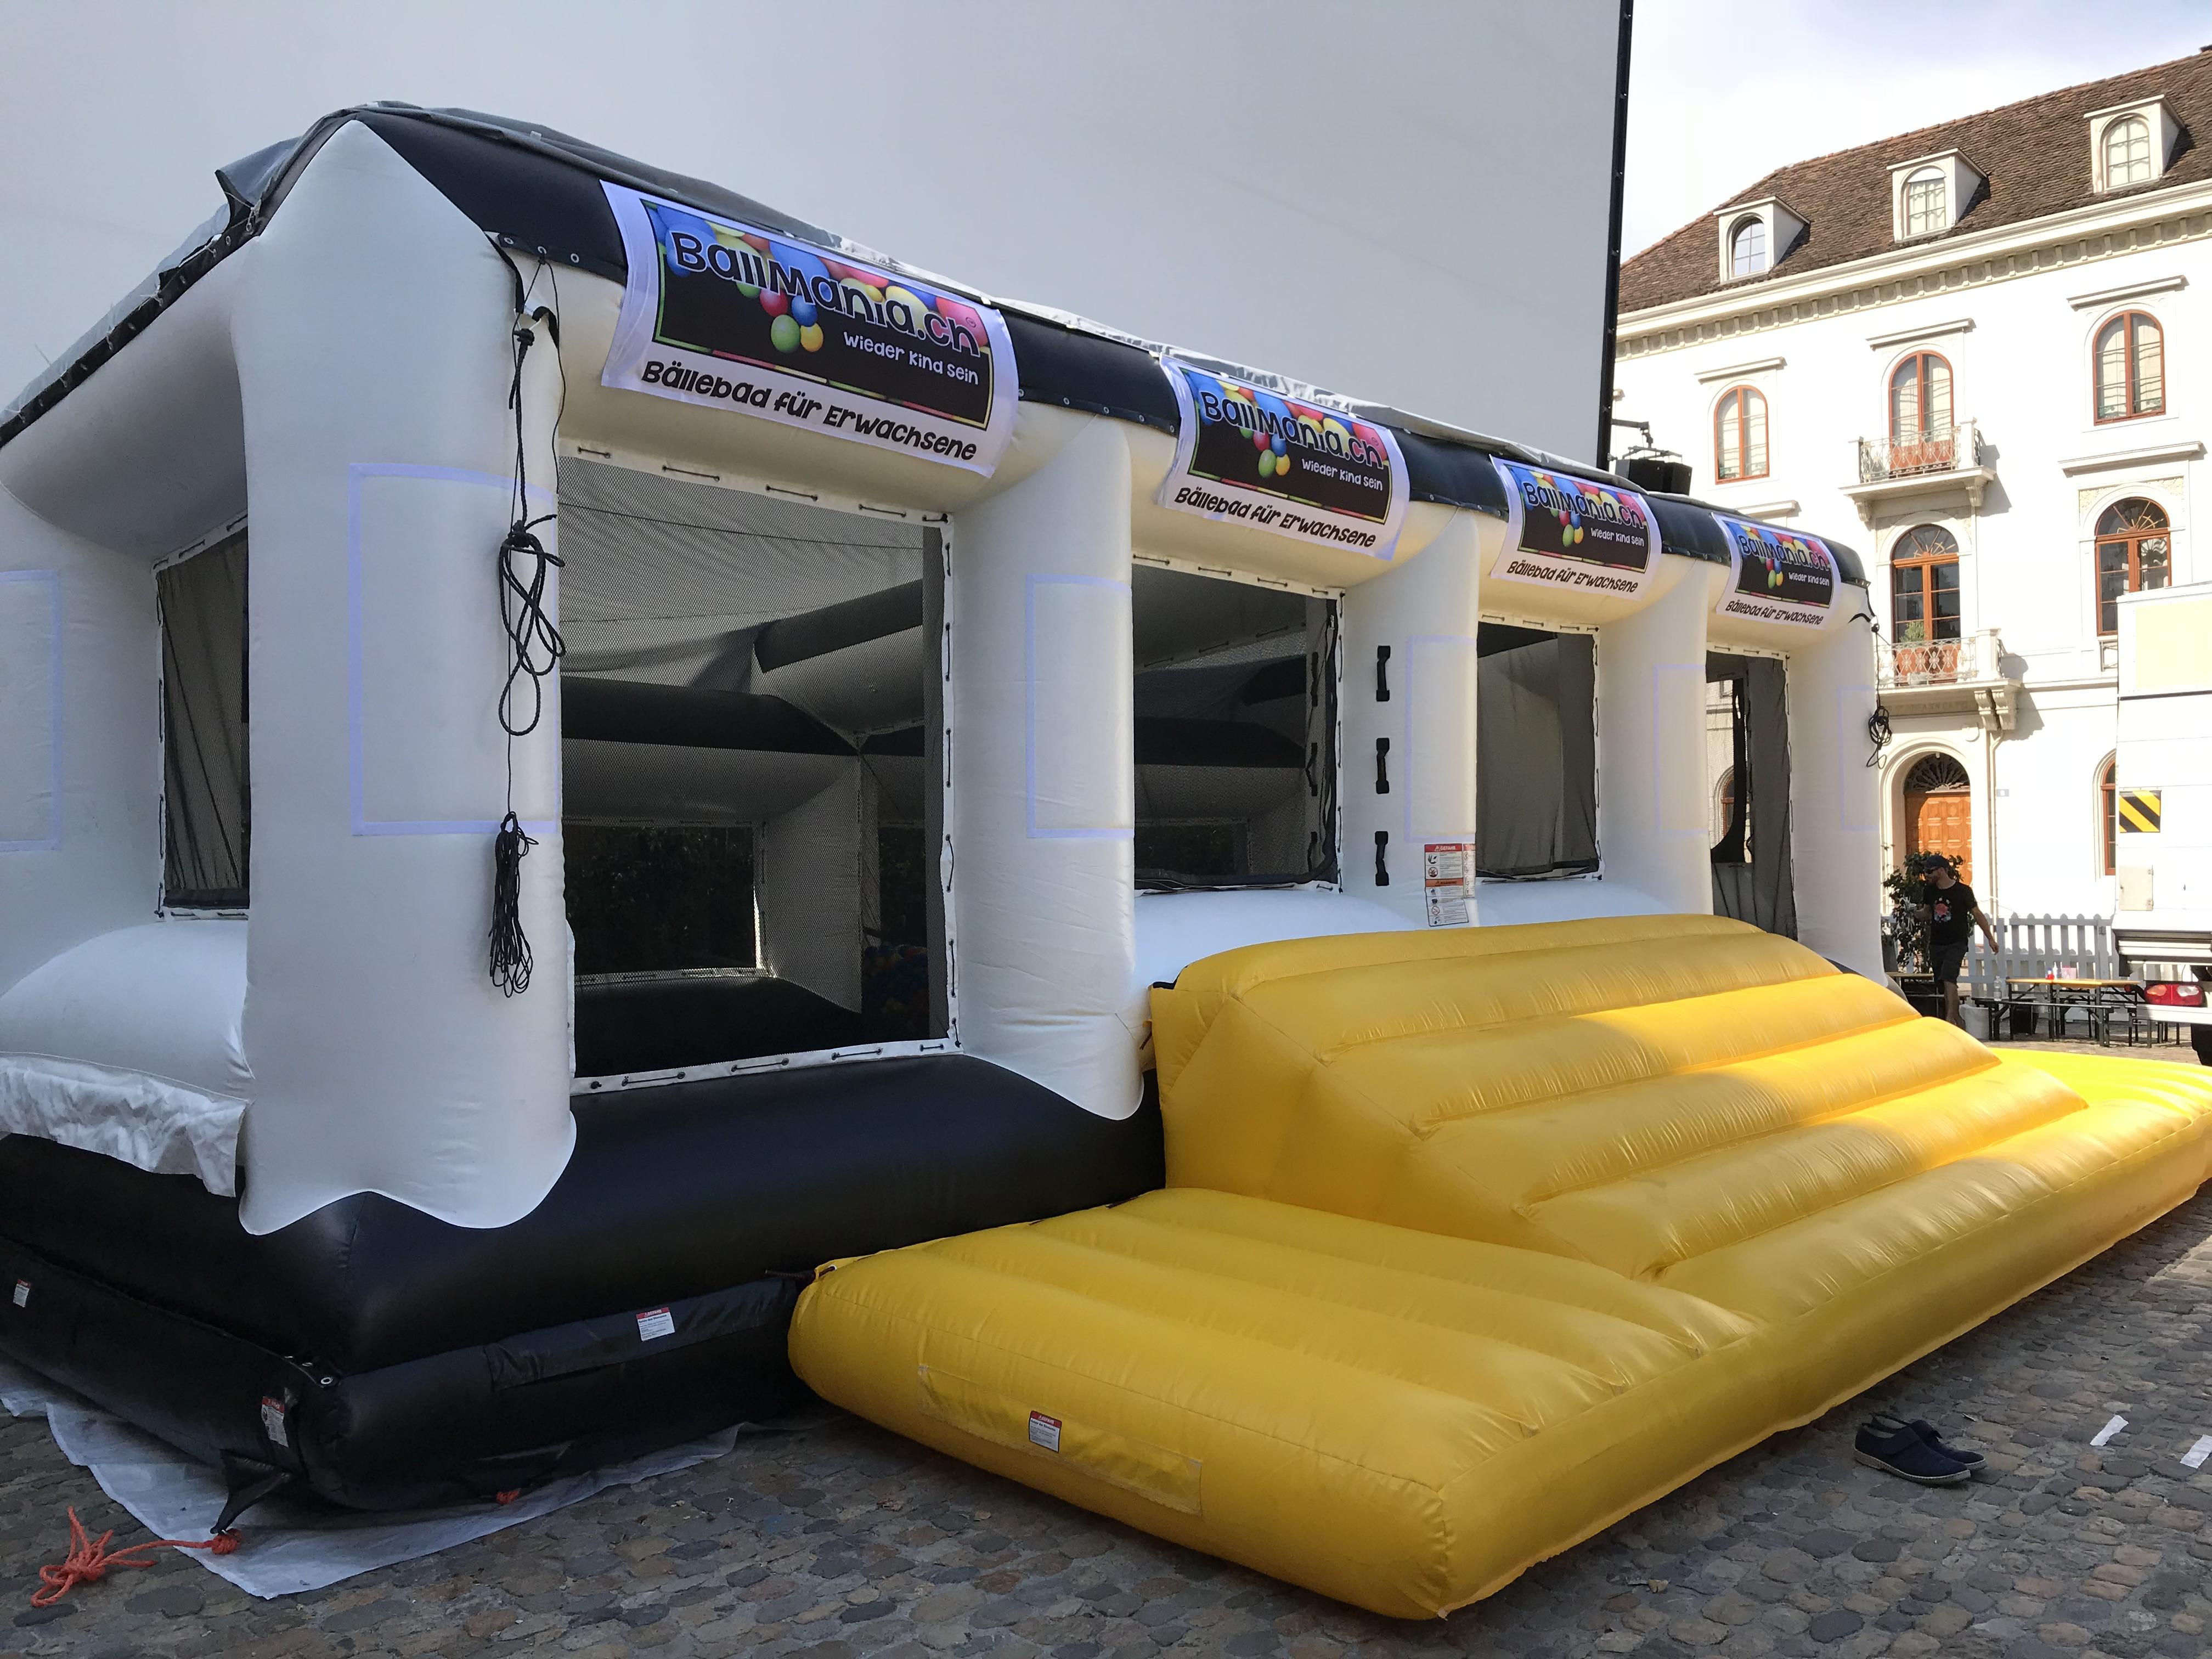 b llebad f r erwachsene wieder kind sein. Black Bedroom Furniture Sets. Home Design Ideas